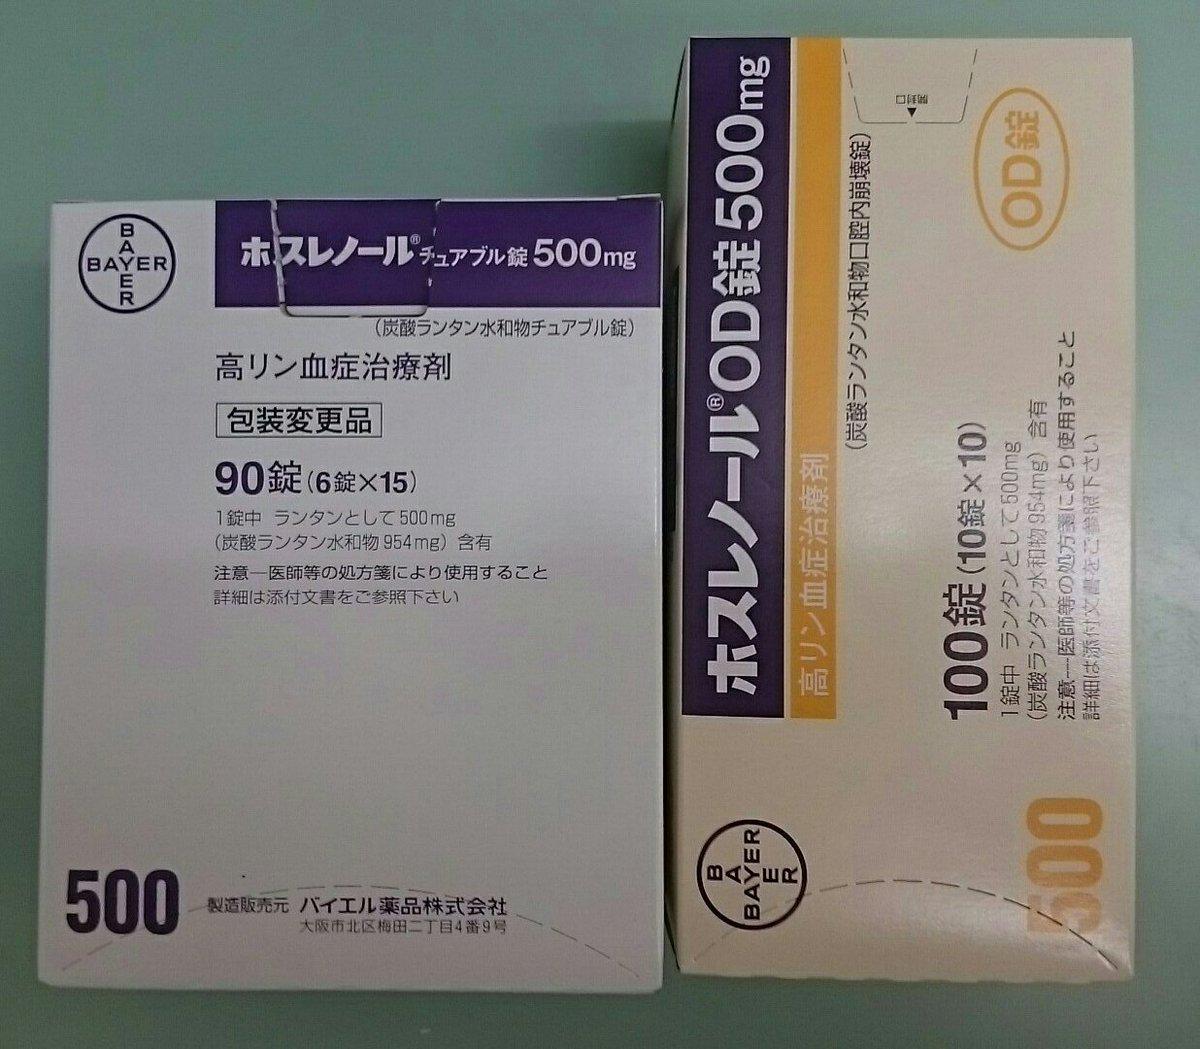 Od ホスレノール 公取委 日本ケミファとコーアイセイに立ち入り検査